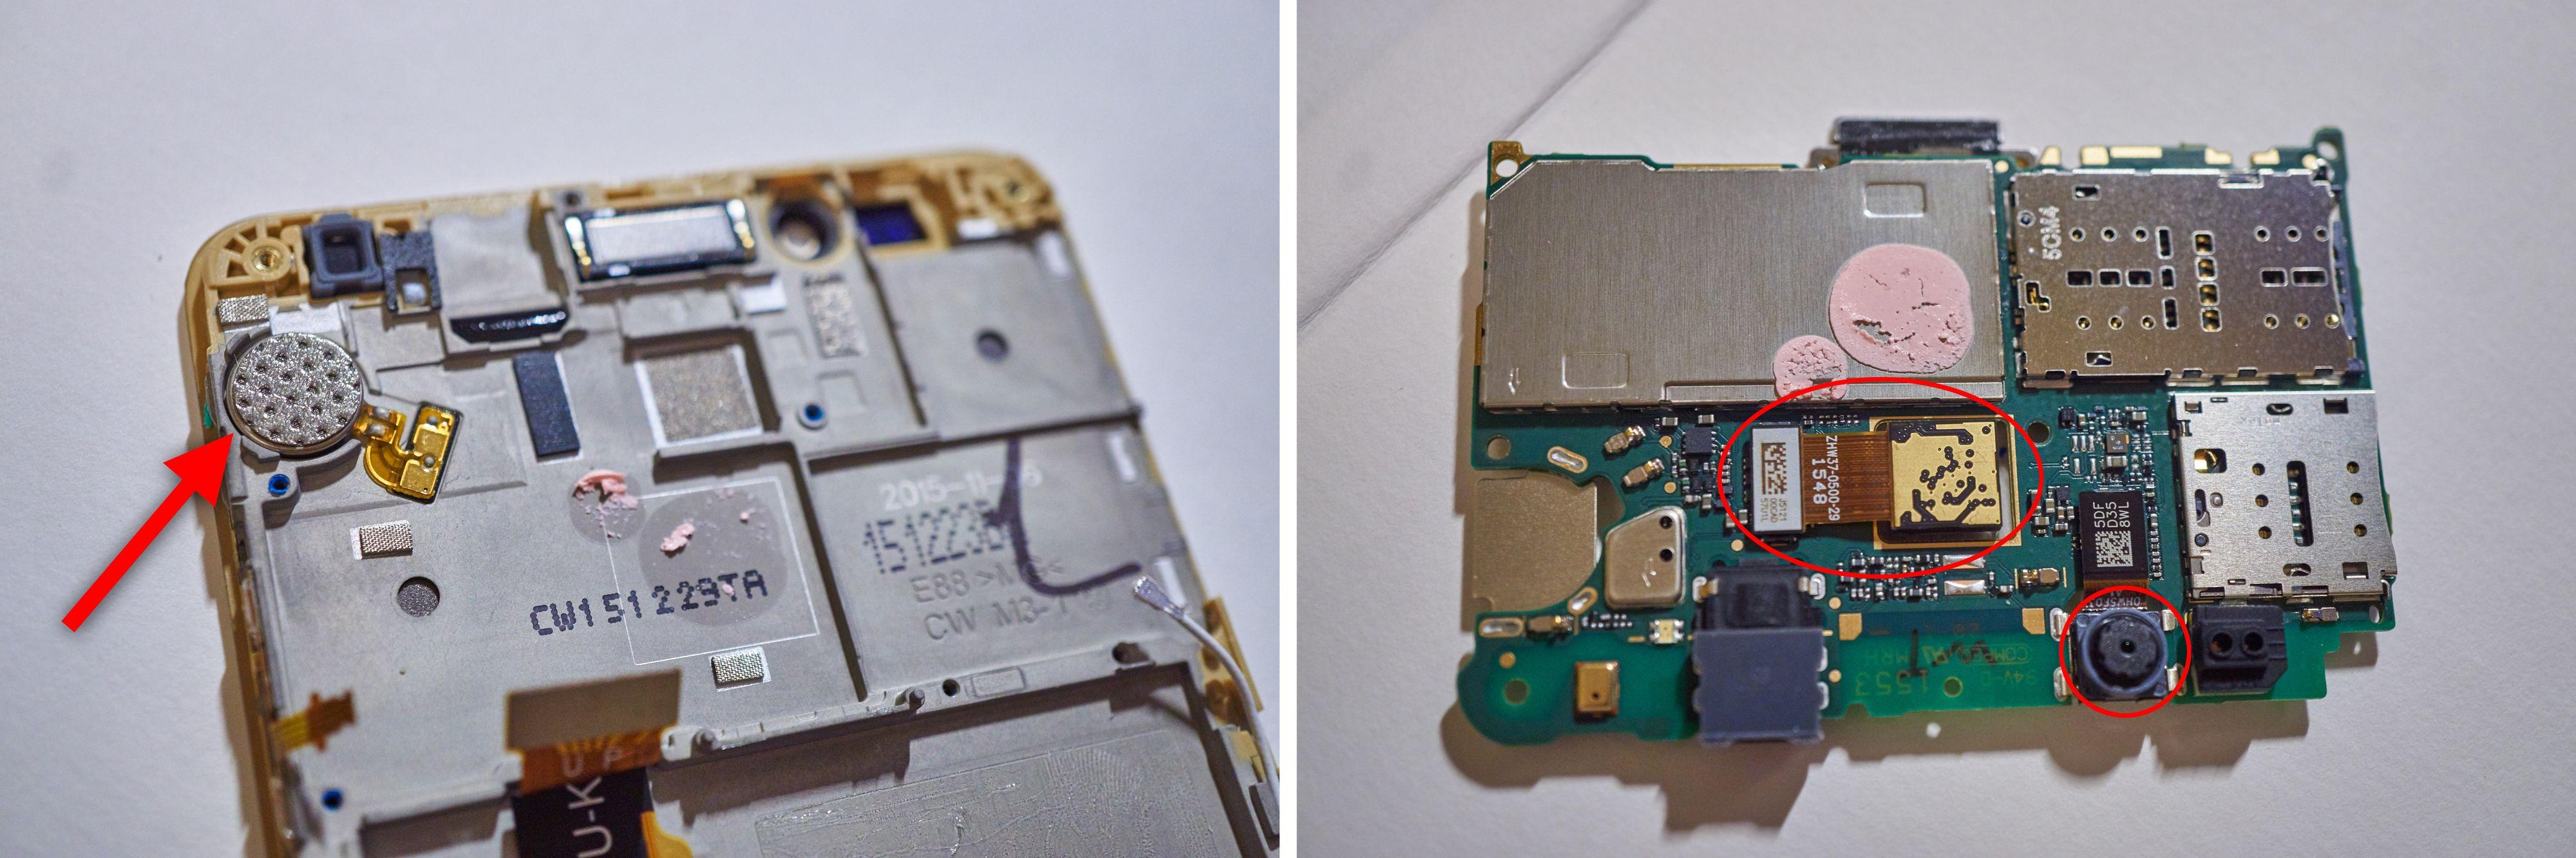 Pilen peker på vibrasjonsmotoren, mens ringene markerer de to kameraenes plassering.